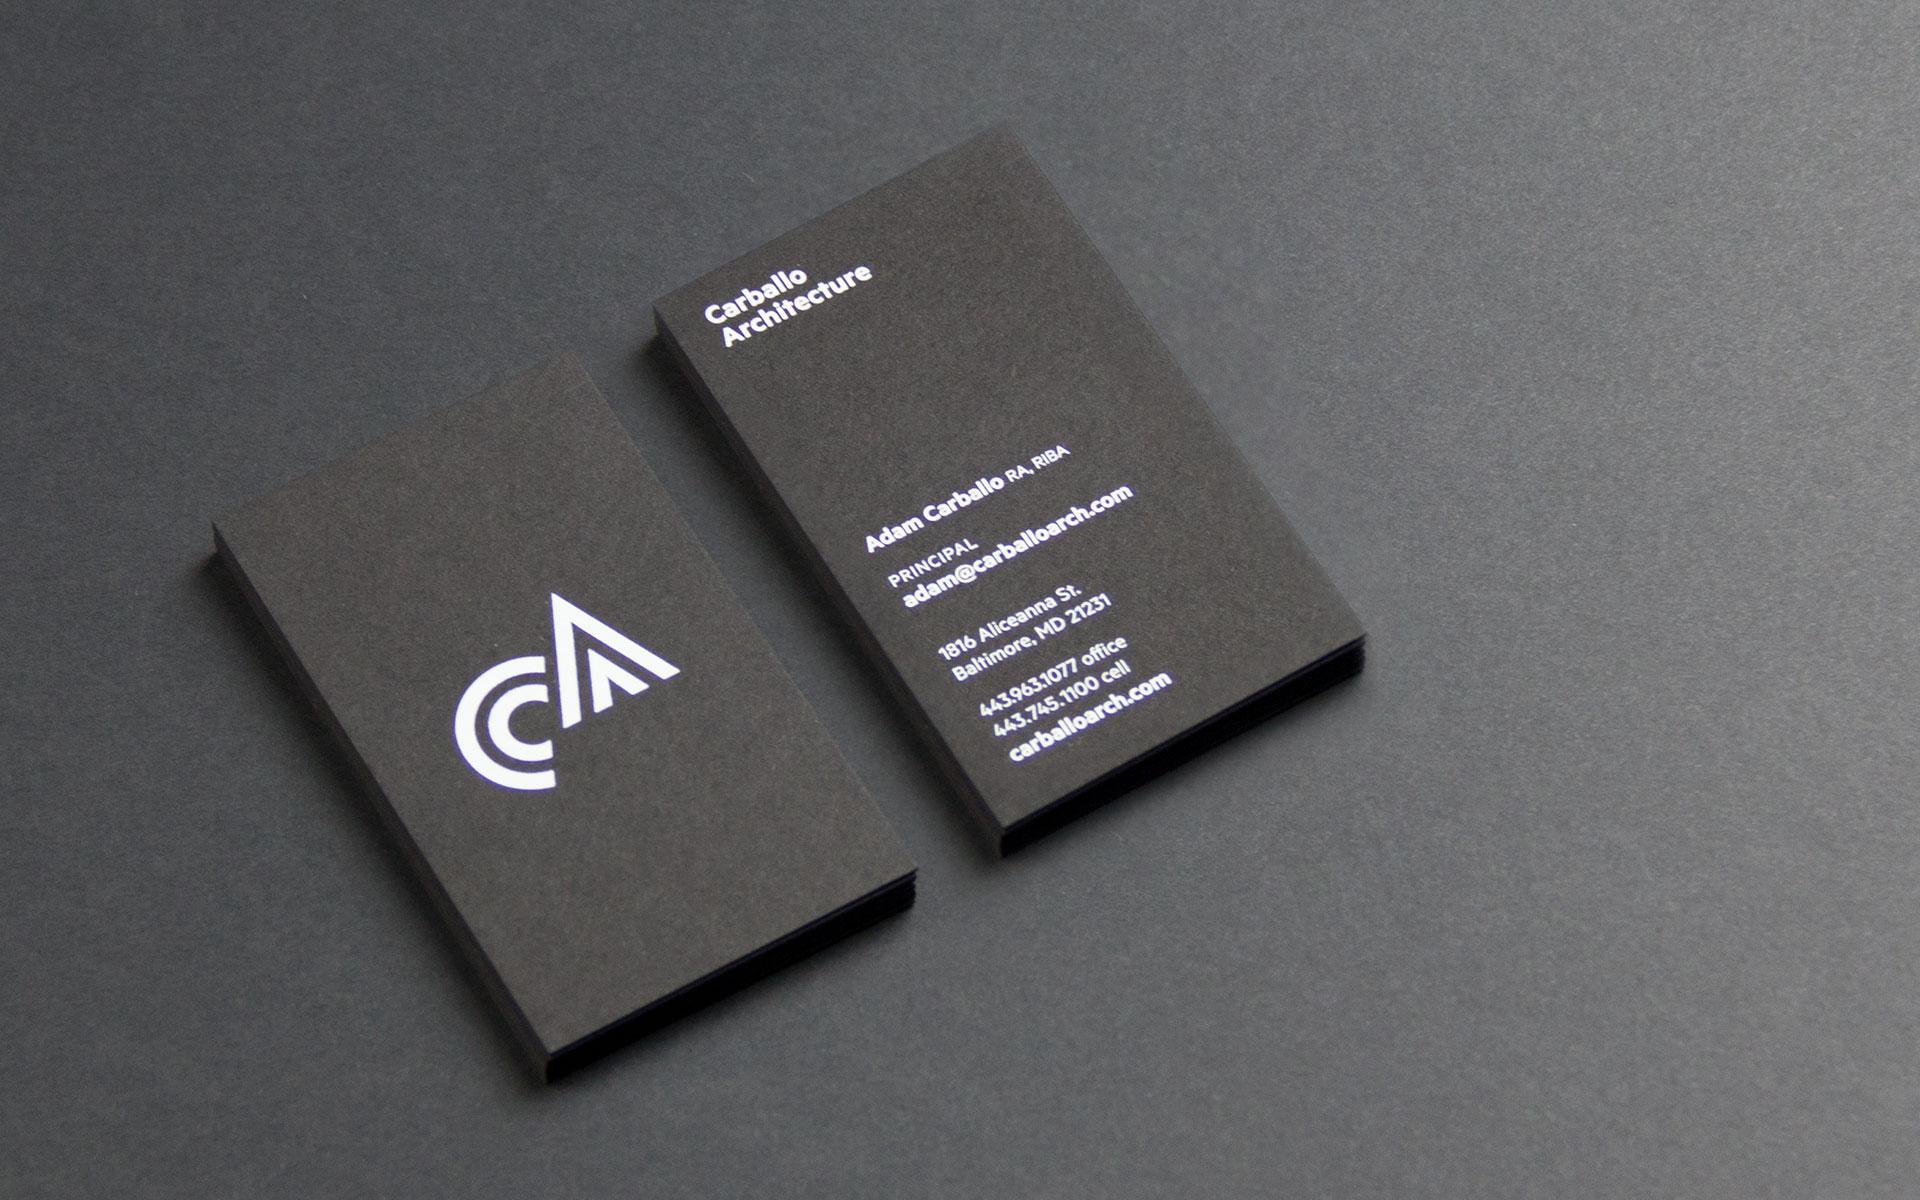 ashton › Carballo Architecture